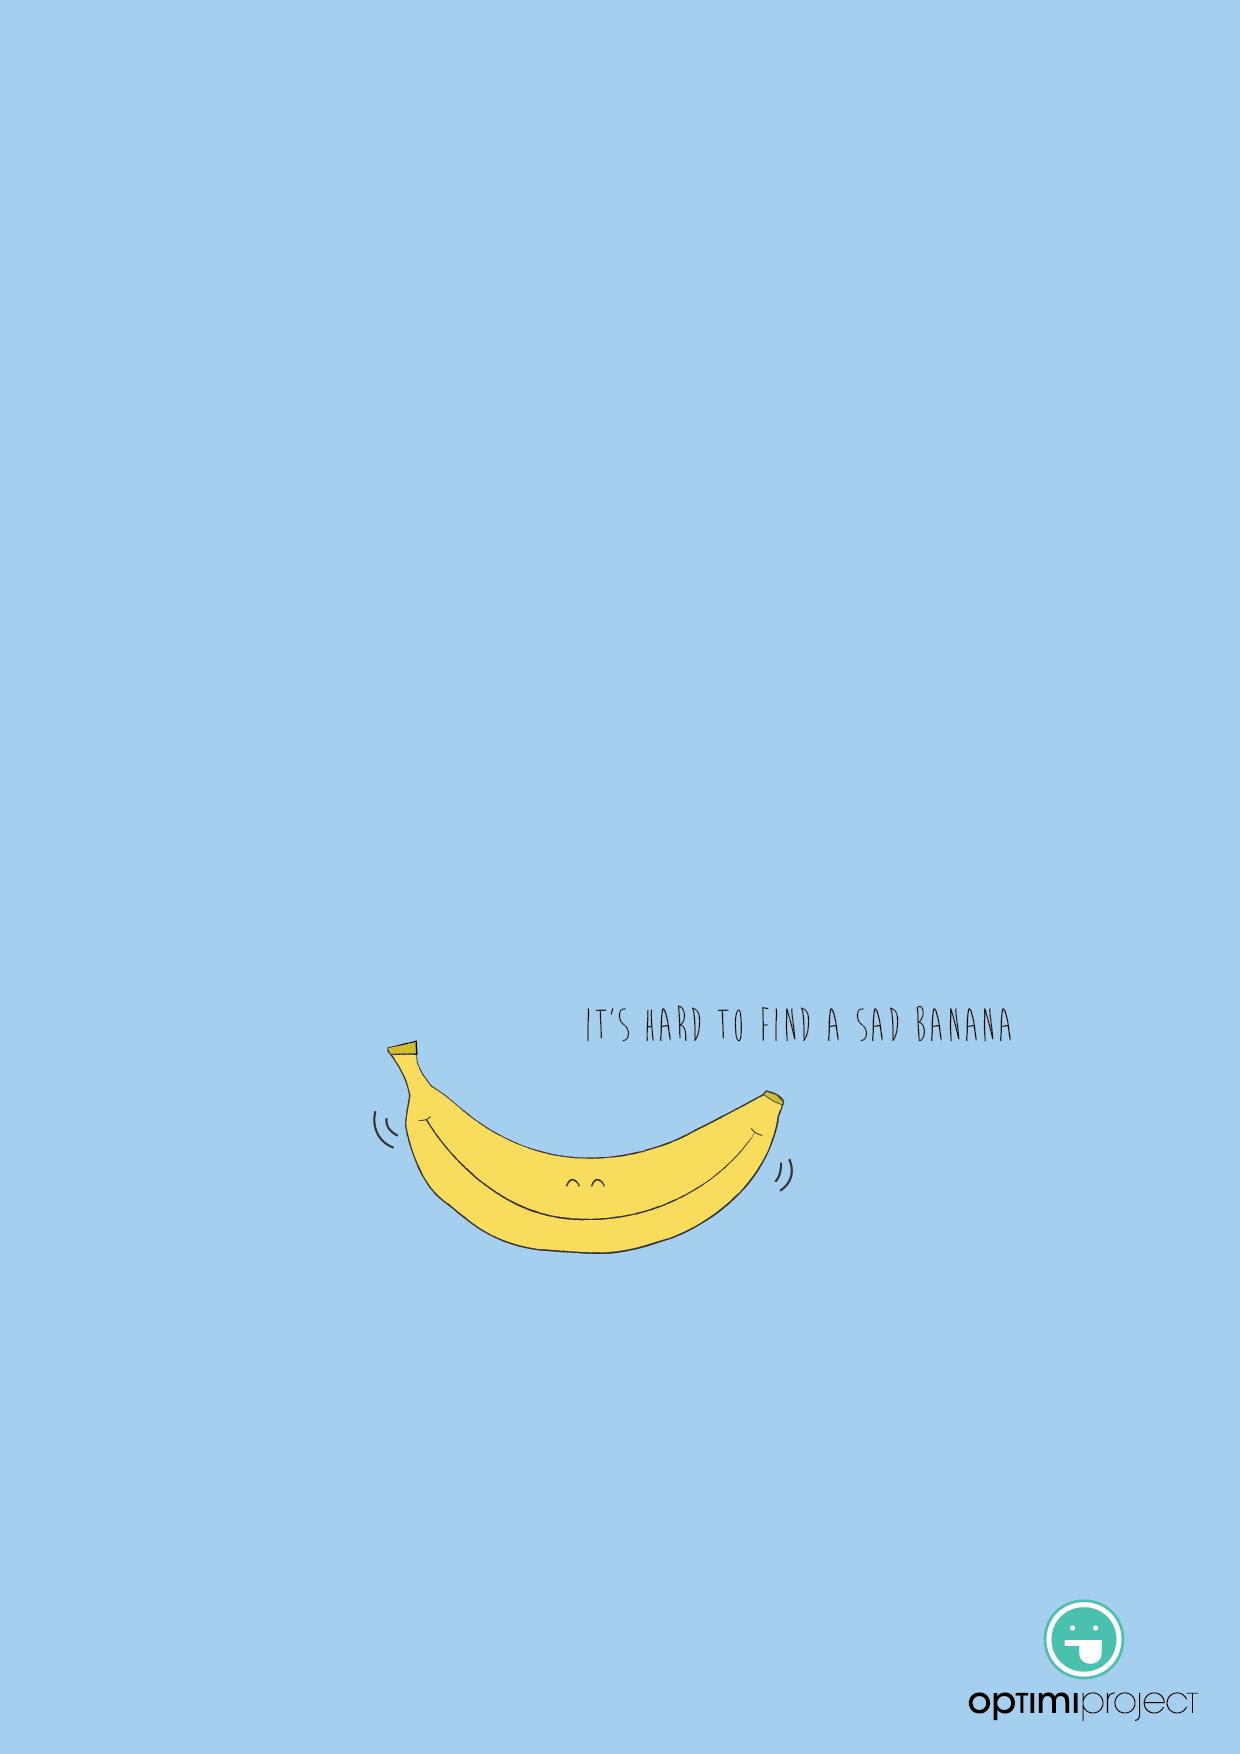 bananaSmile-01